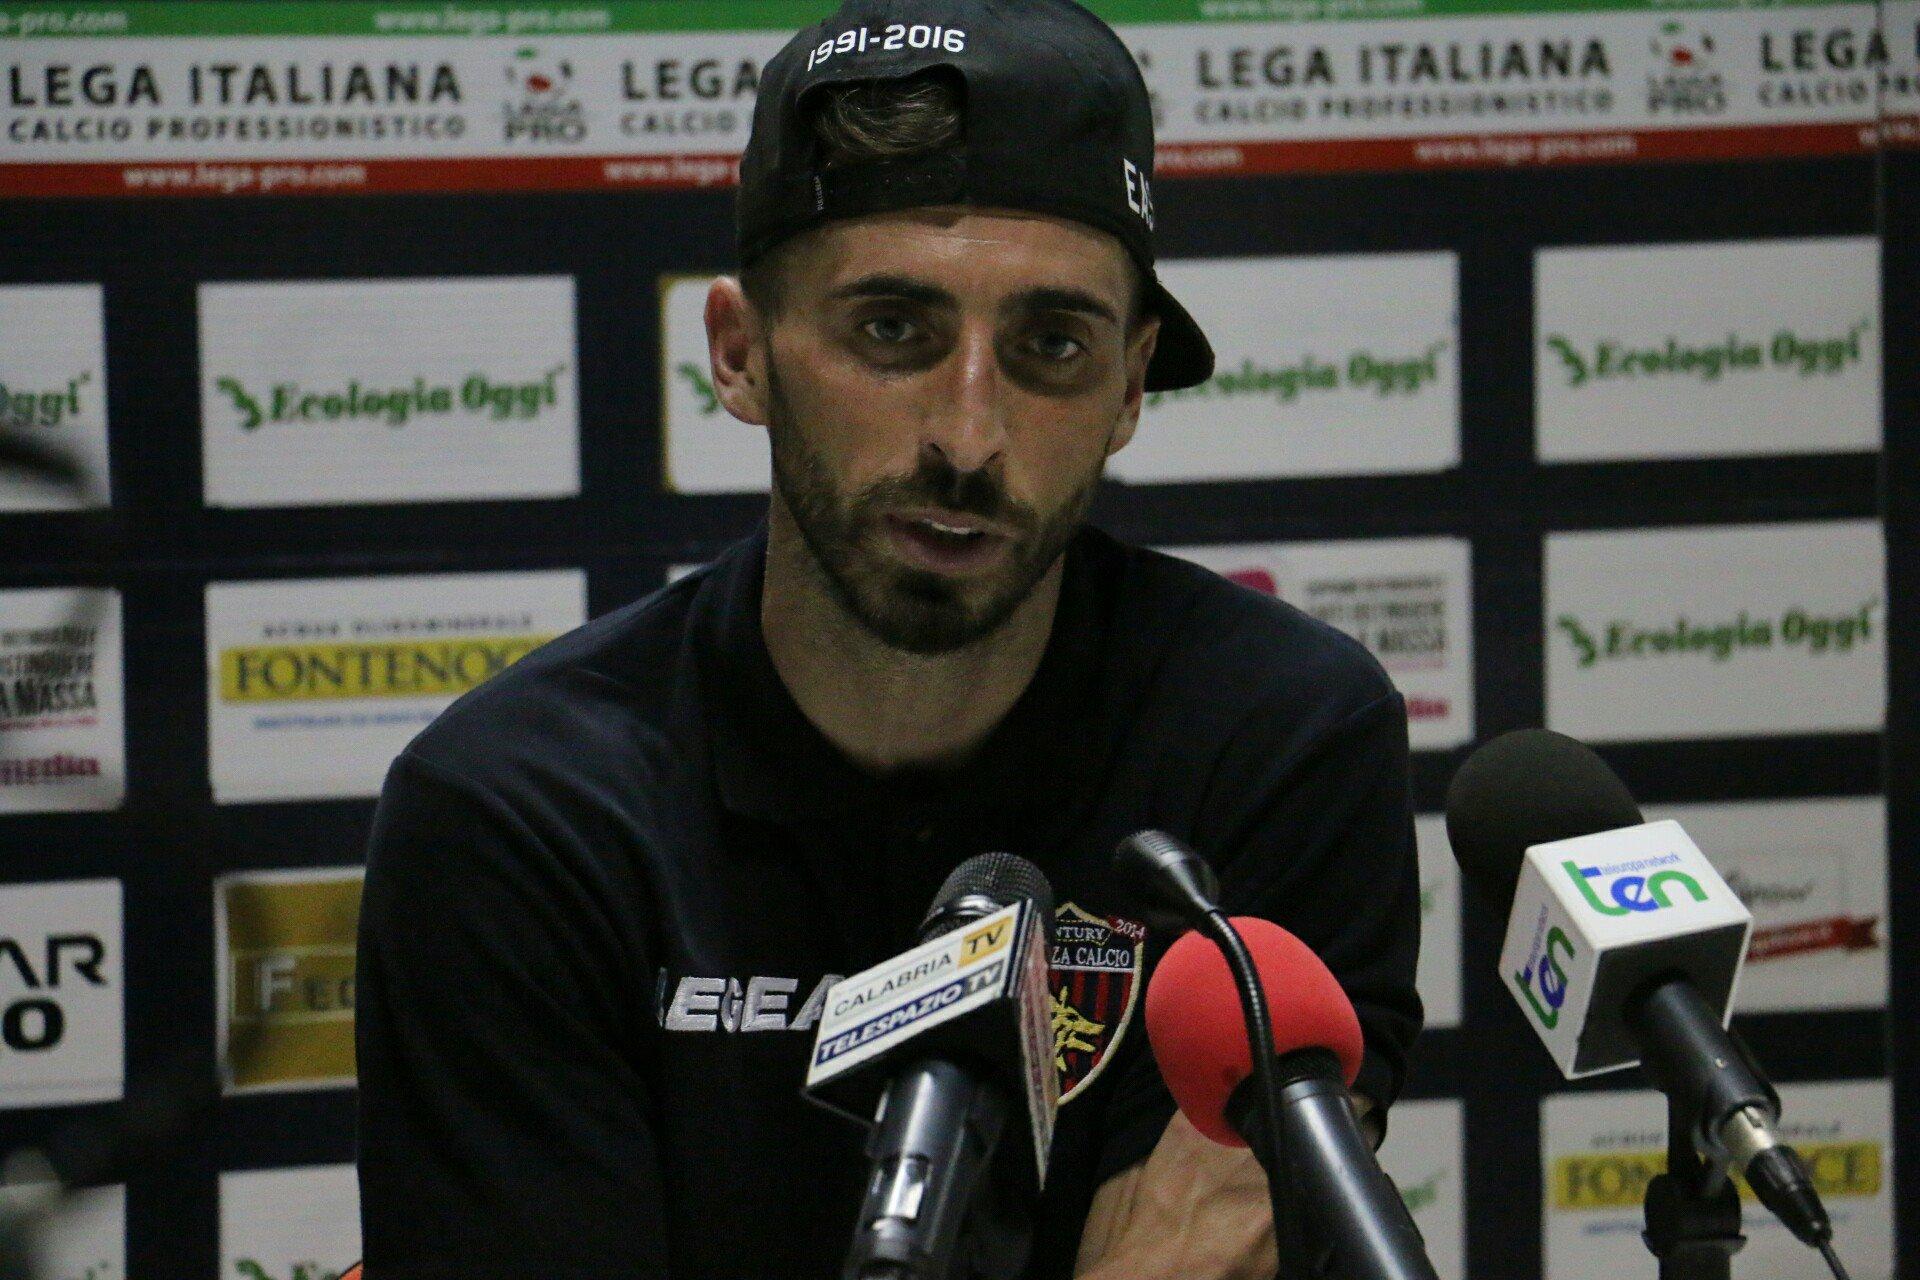 Giovanni cavallaro ph farina